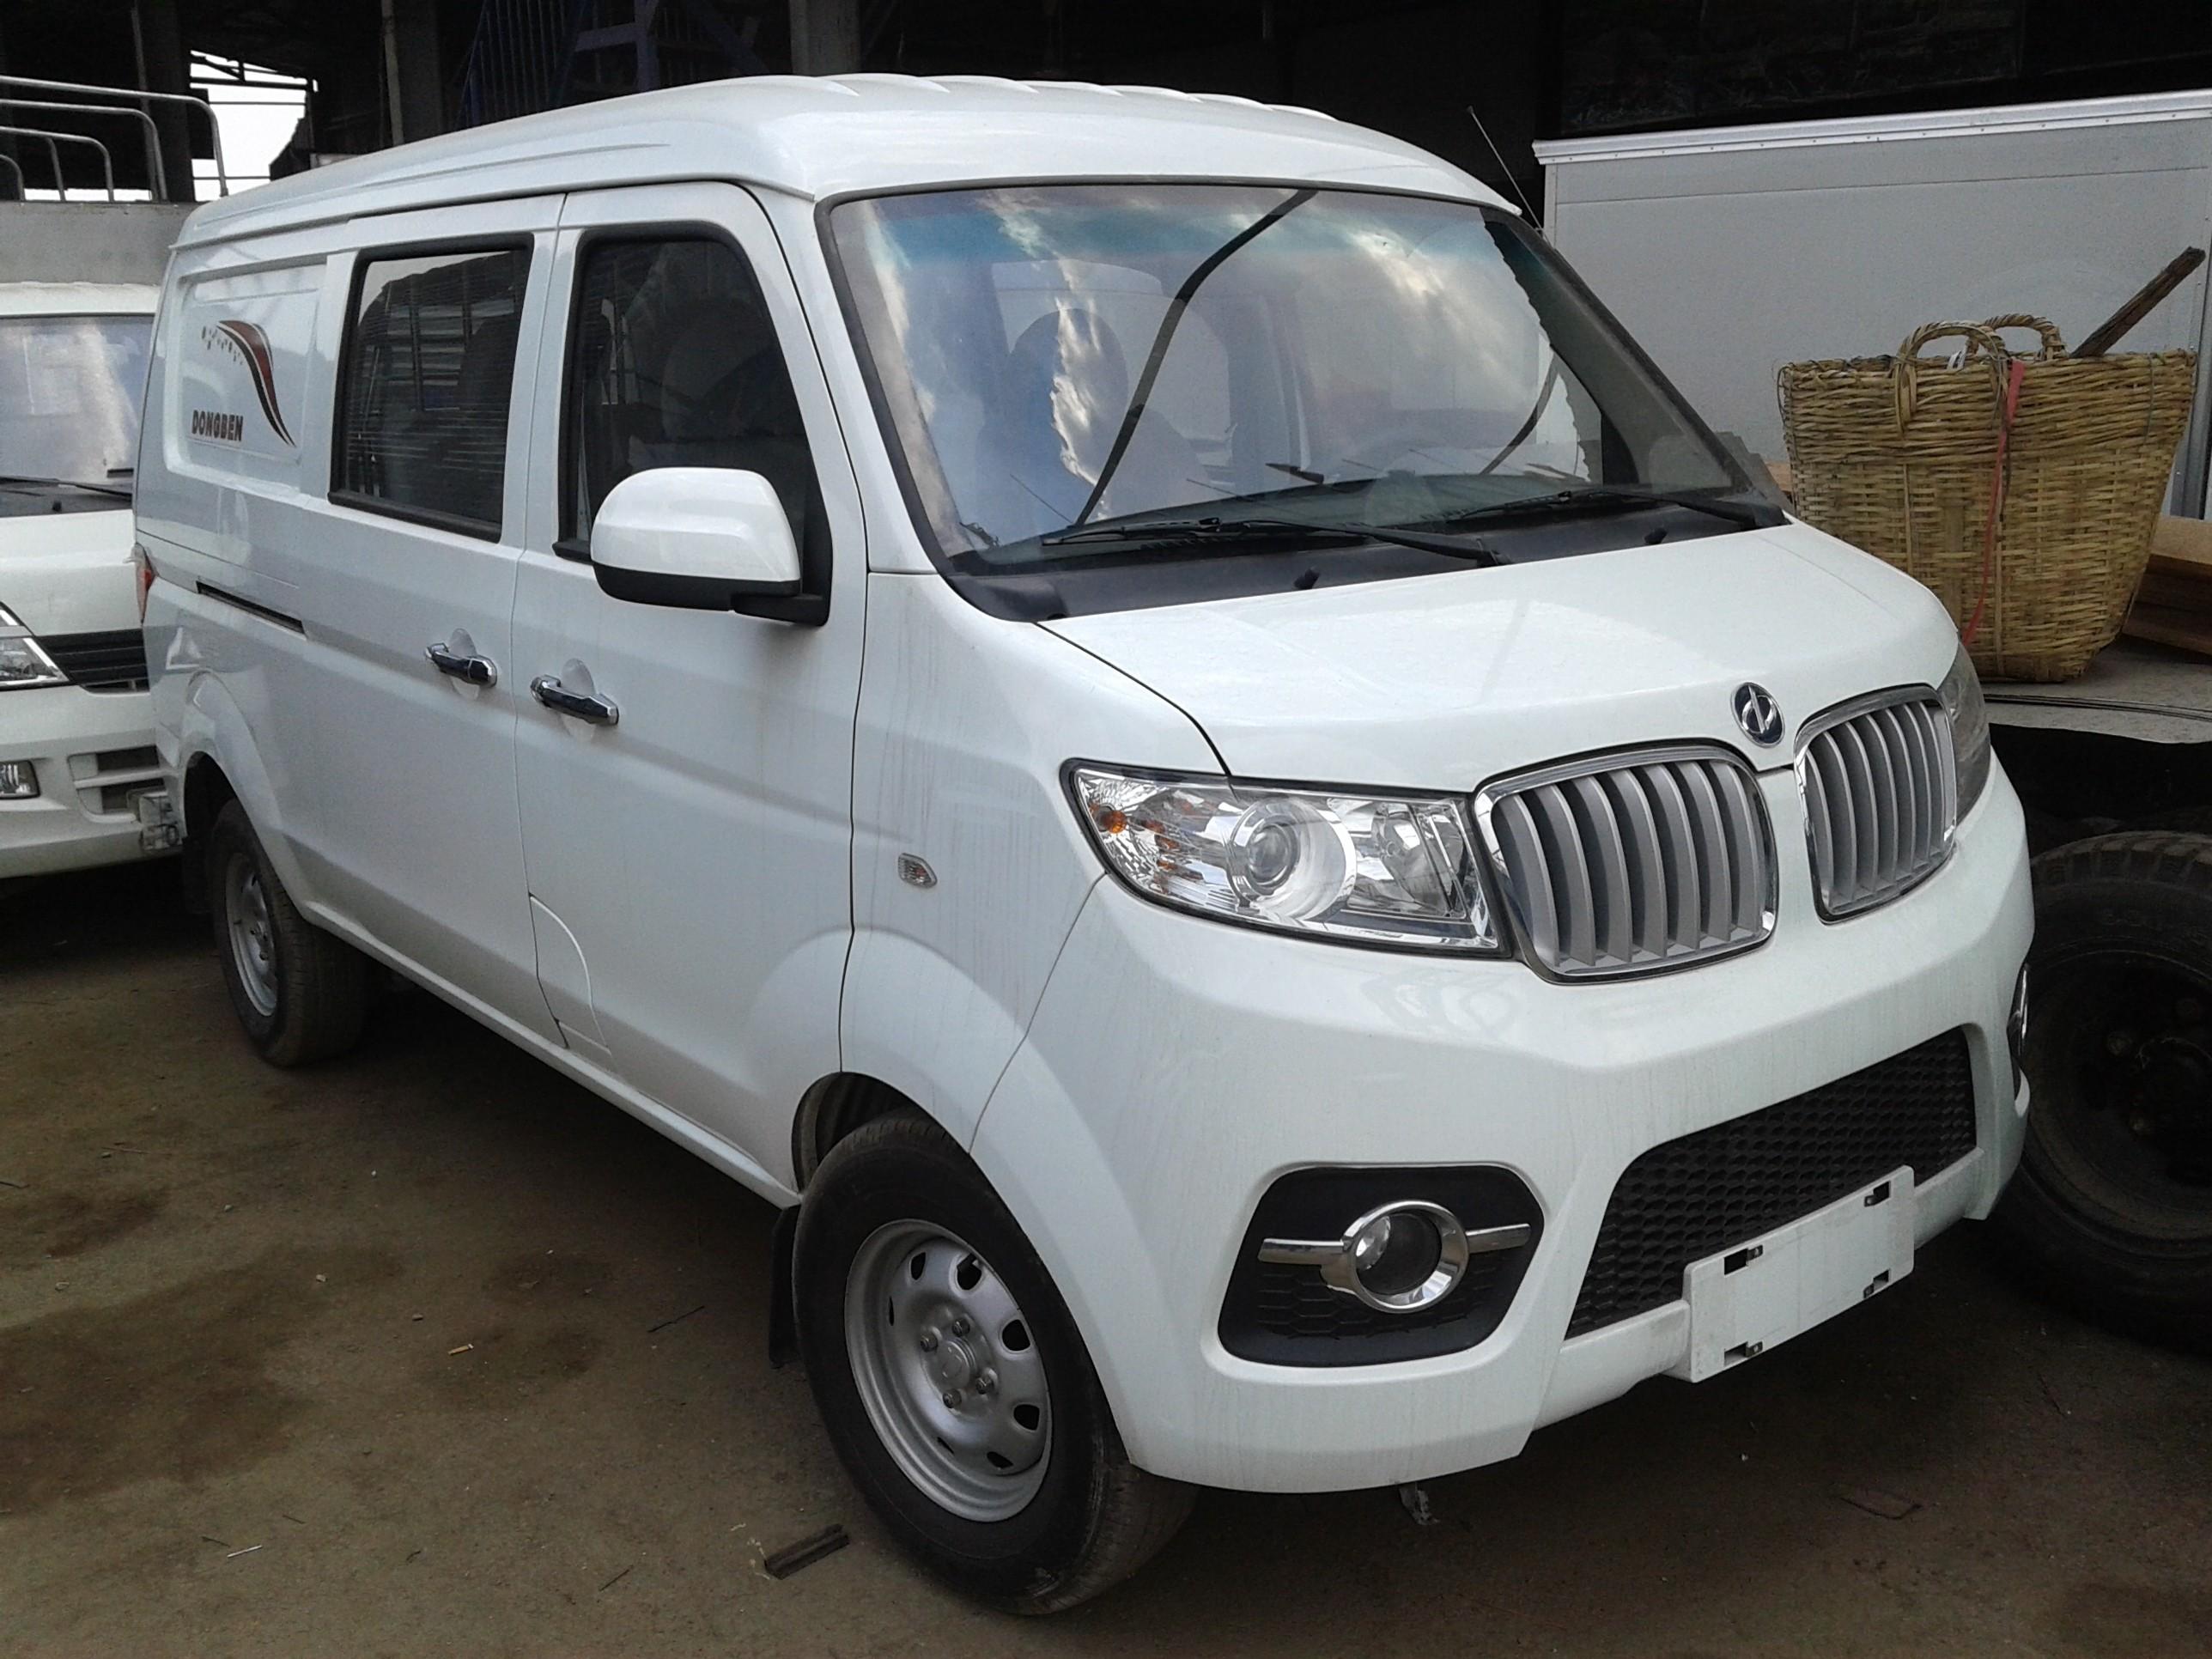 Cần bán xe bán tải dongben 700kg 5 chỗ ngồi giá chỉ có 290tr - xe bán tải dongben 5 chỗ ngồi X30